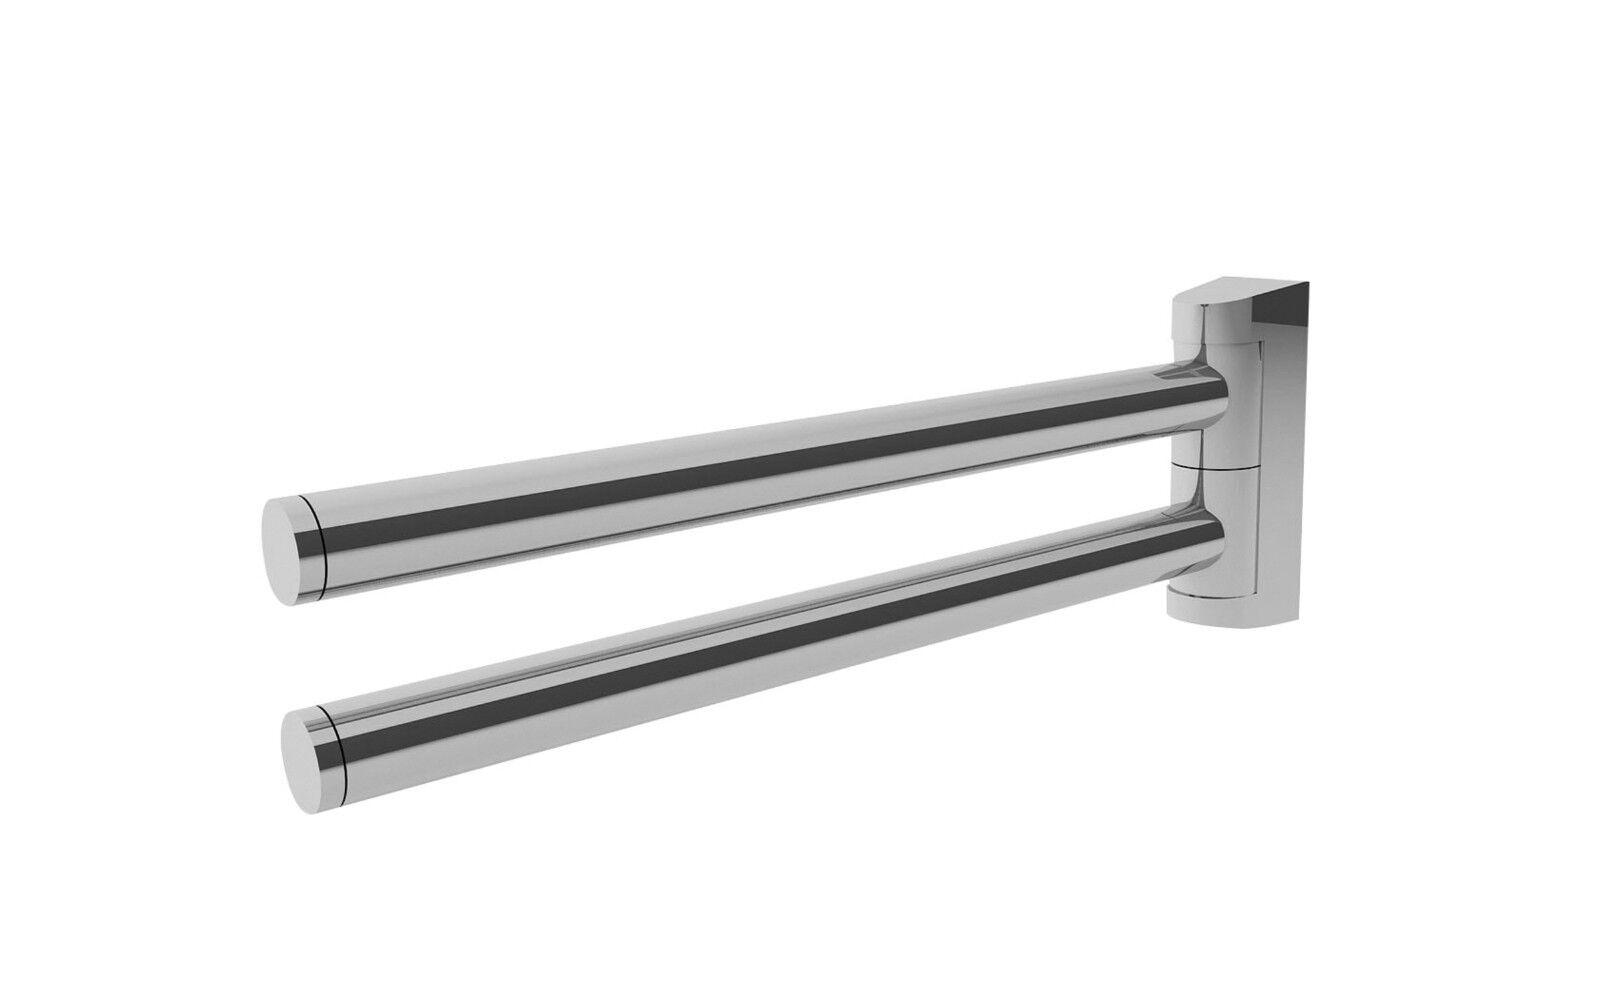 Vigour Derby Handtuchhalter  35 cm  schwenkbar  Chrom  2 armig  DEHH35